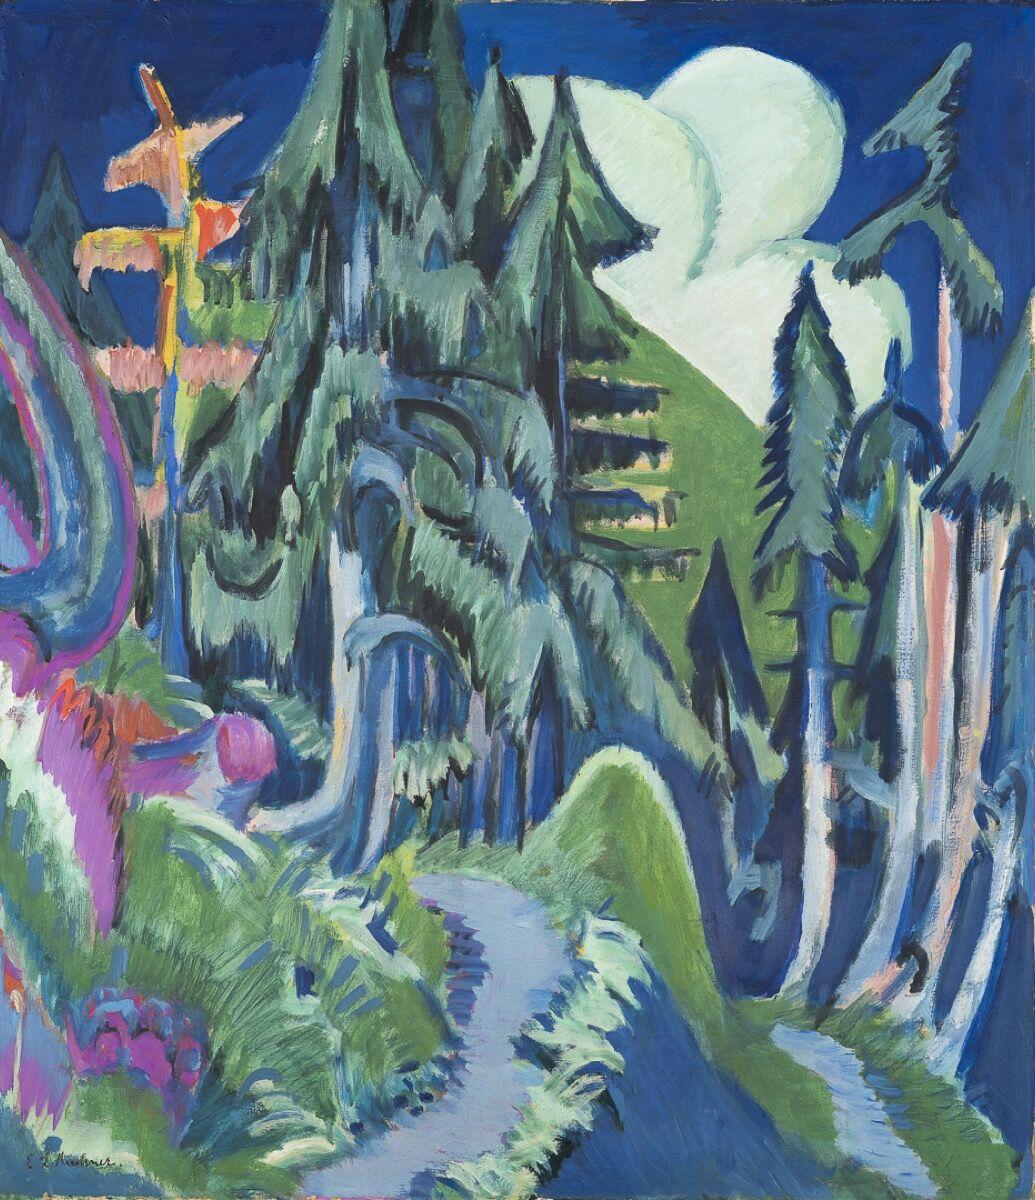 Ernst Ludwig Kirchner, Mountain Forest, 1918–20. Photo © Kirchner Museum Davos, Stephan Bösch. Courtesy of Kirchner Museum Davos.